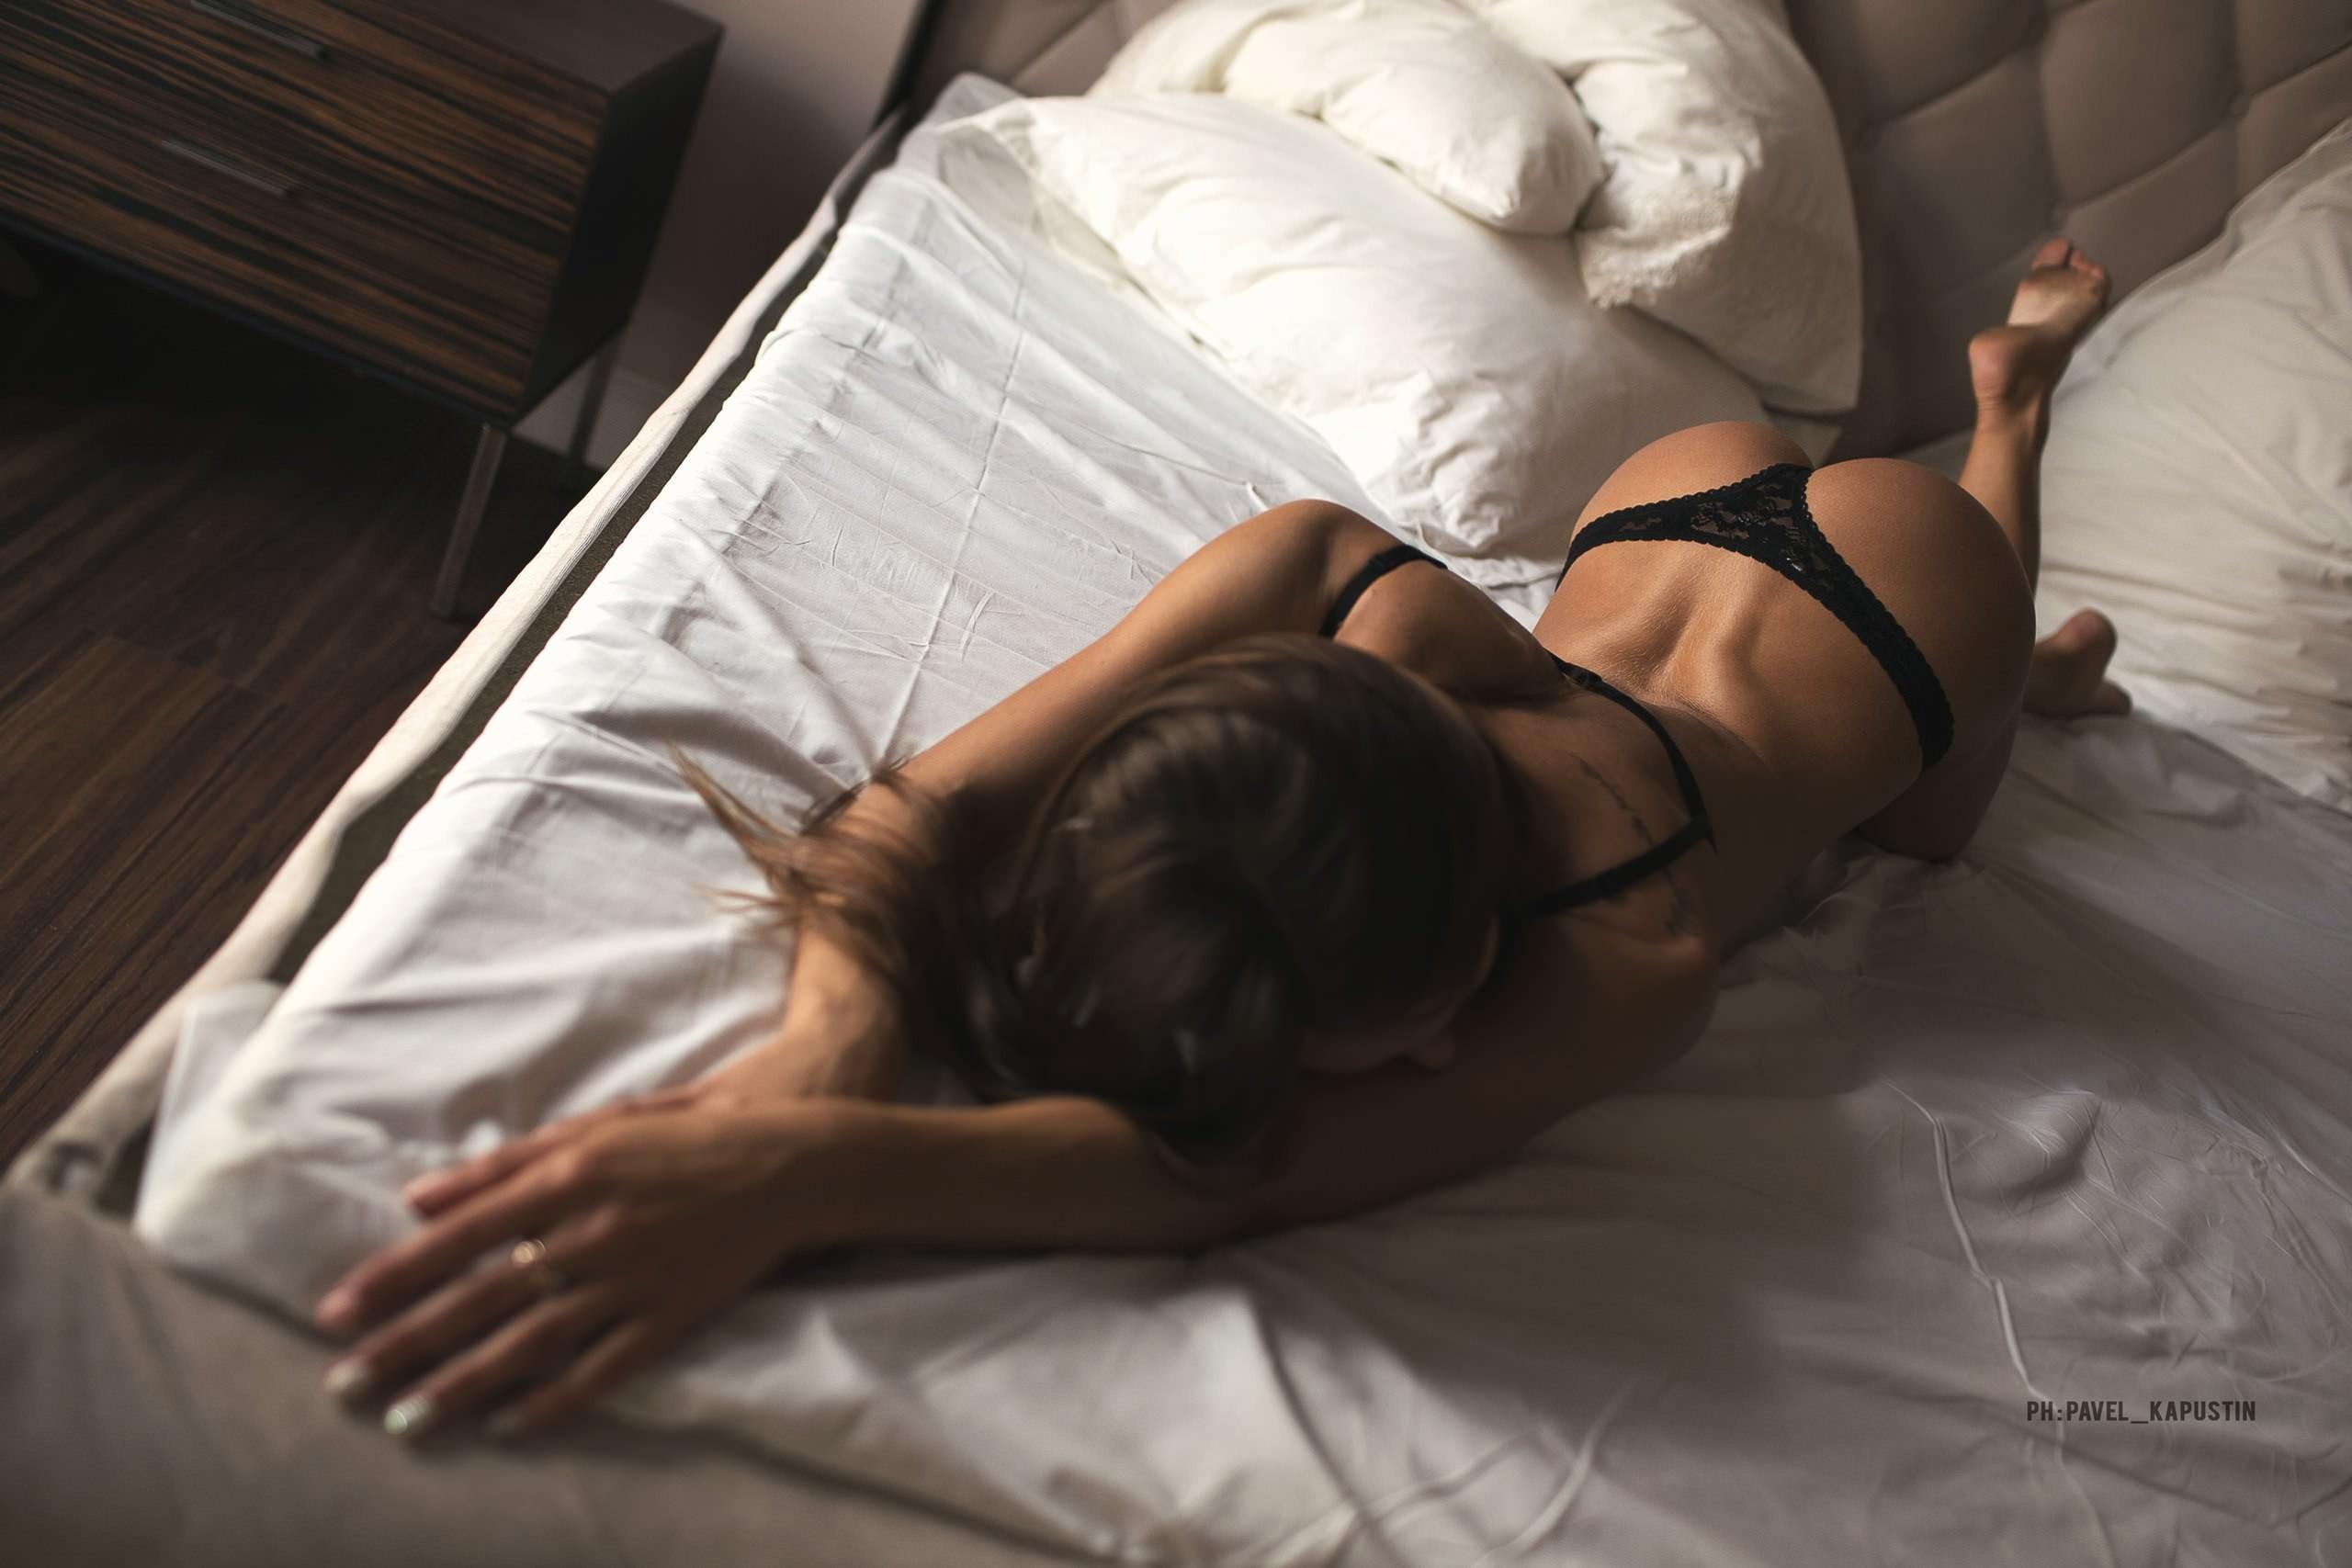 Пошалили ночью в постели фото, азиатская ночная ебля